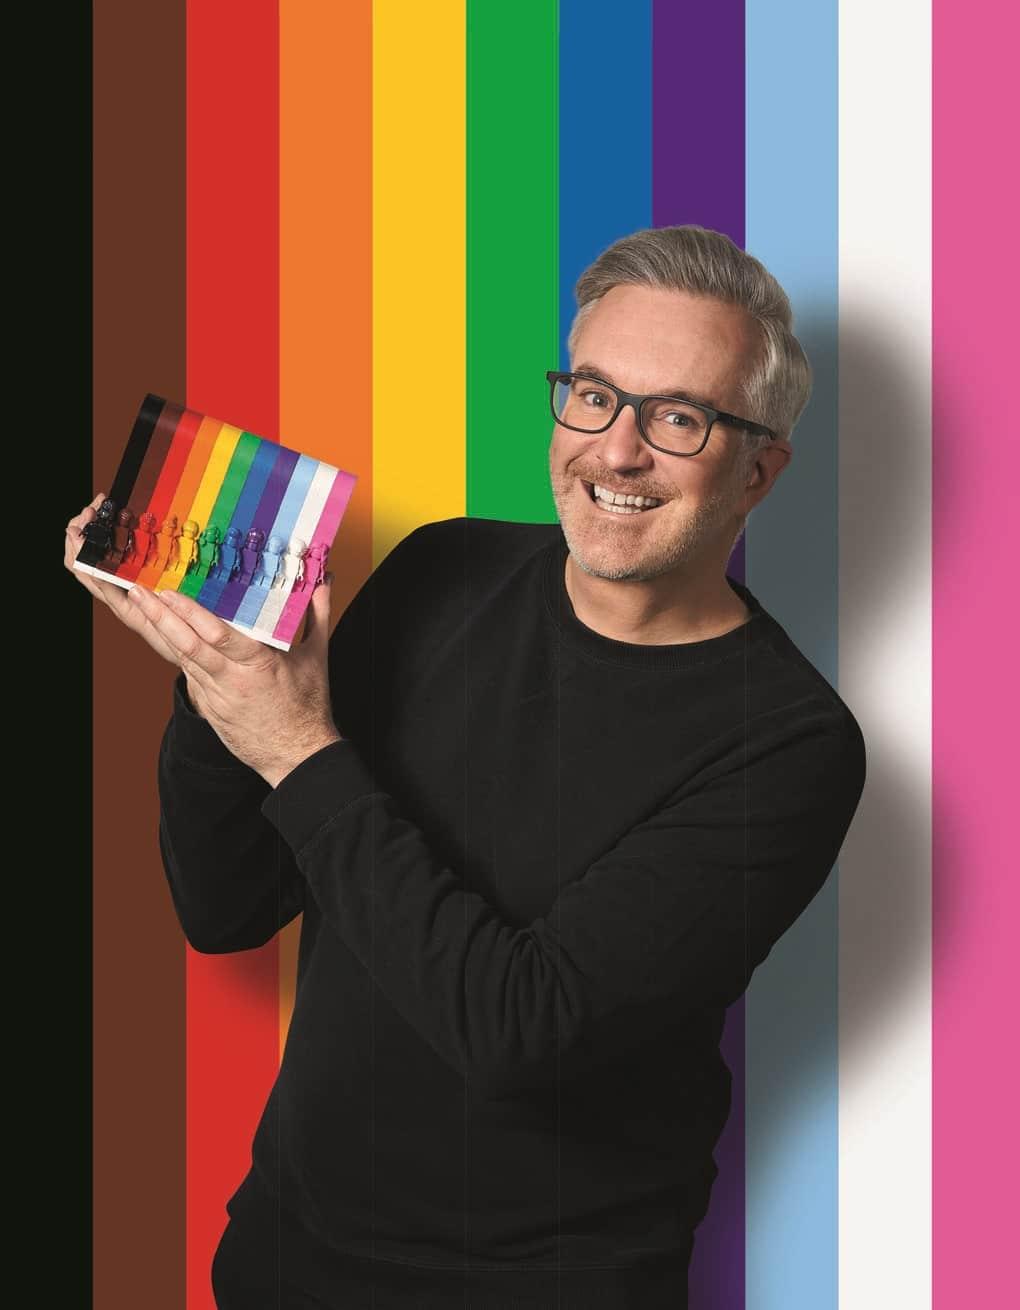 LEGO Designer Matthew Ashton